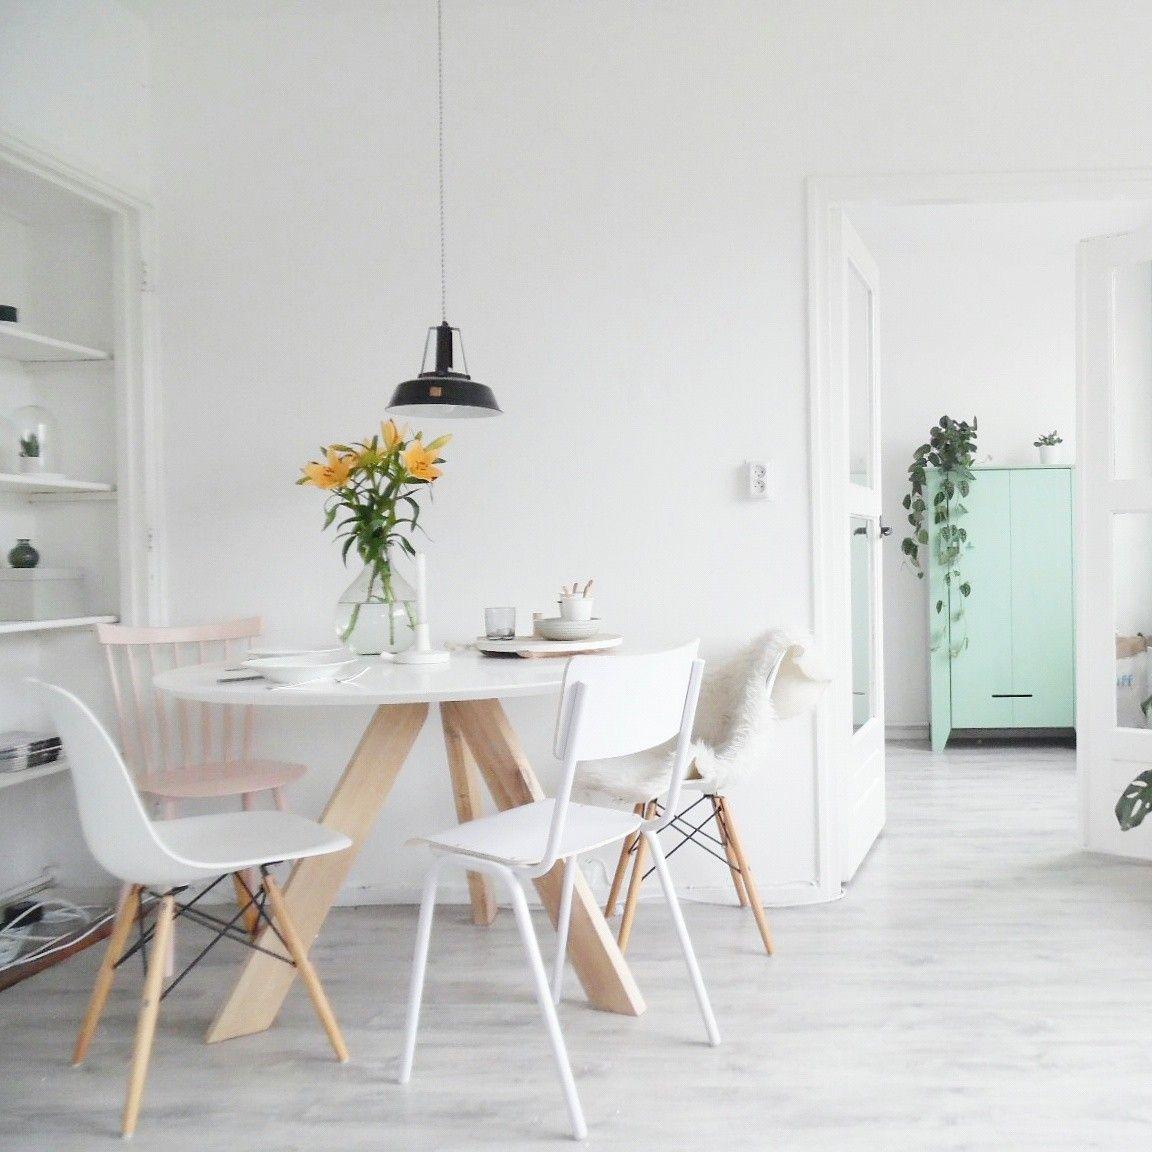 Ronde Witte Tafel 120 Cm.Ronde Eettafel Irena 120cm Kleur Wit In 2019 Huis Inrichting